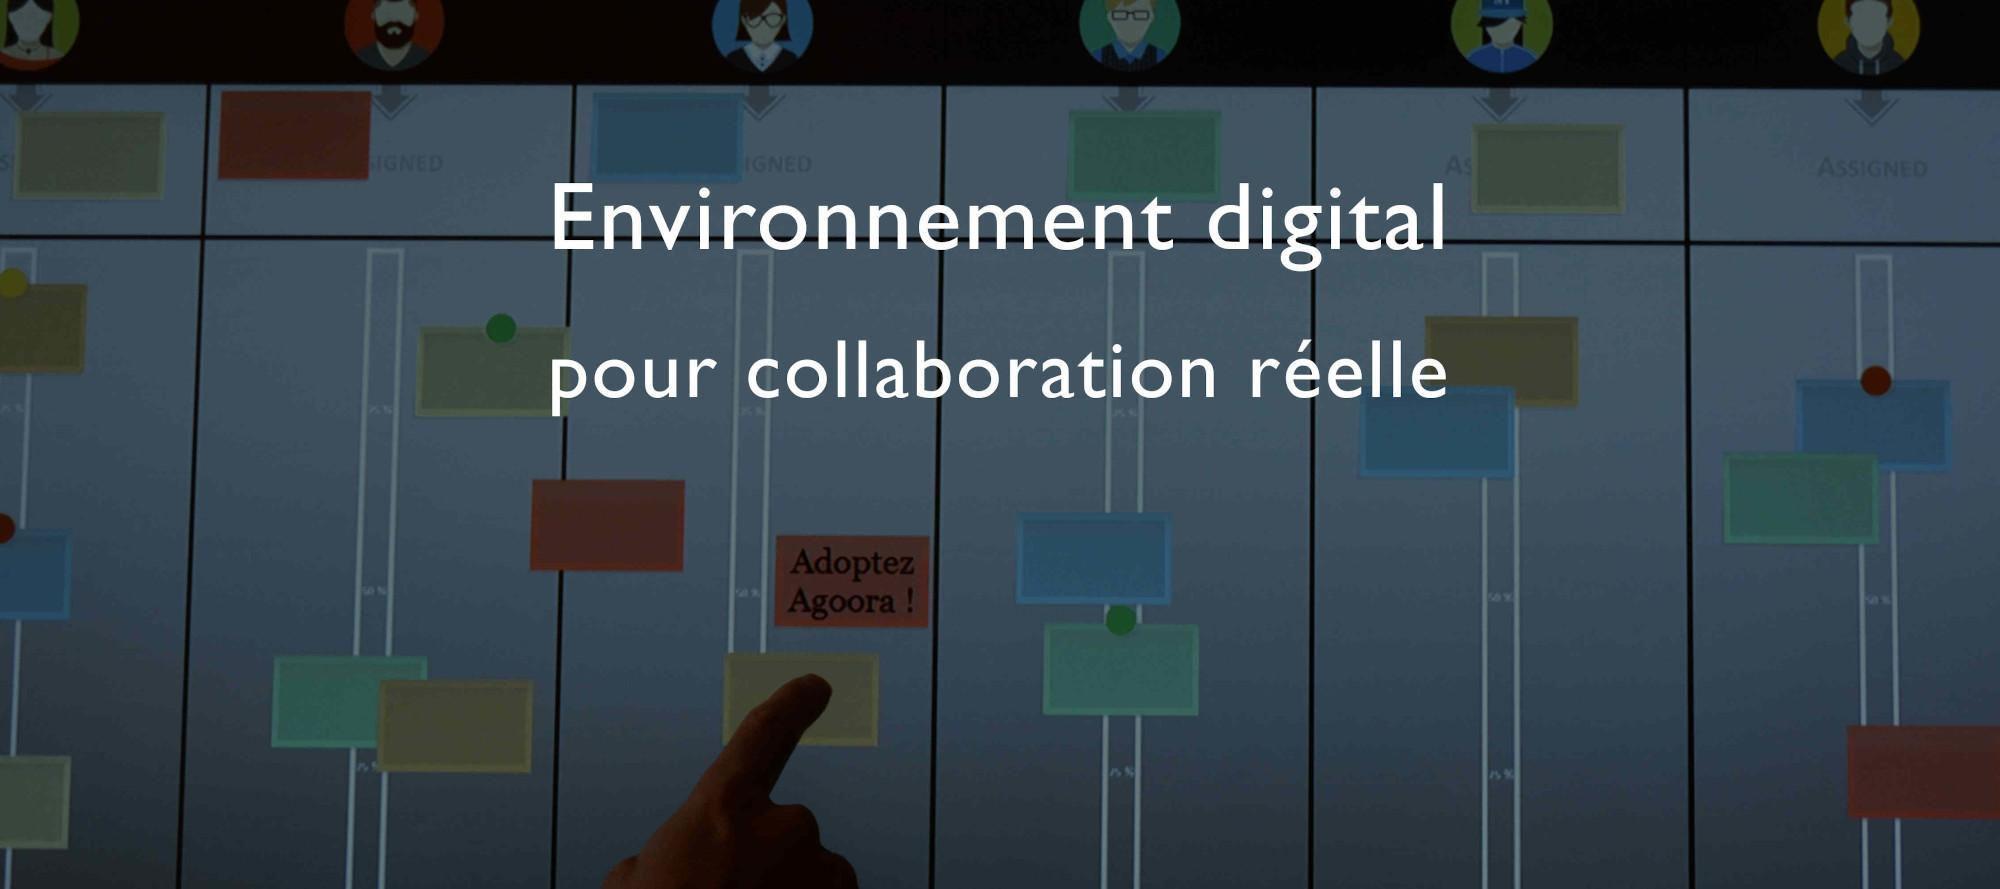 Avis Agoora : Gestion de projet Agile / Lean et brainstorming - Appvizer